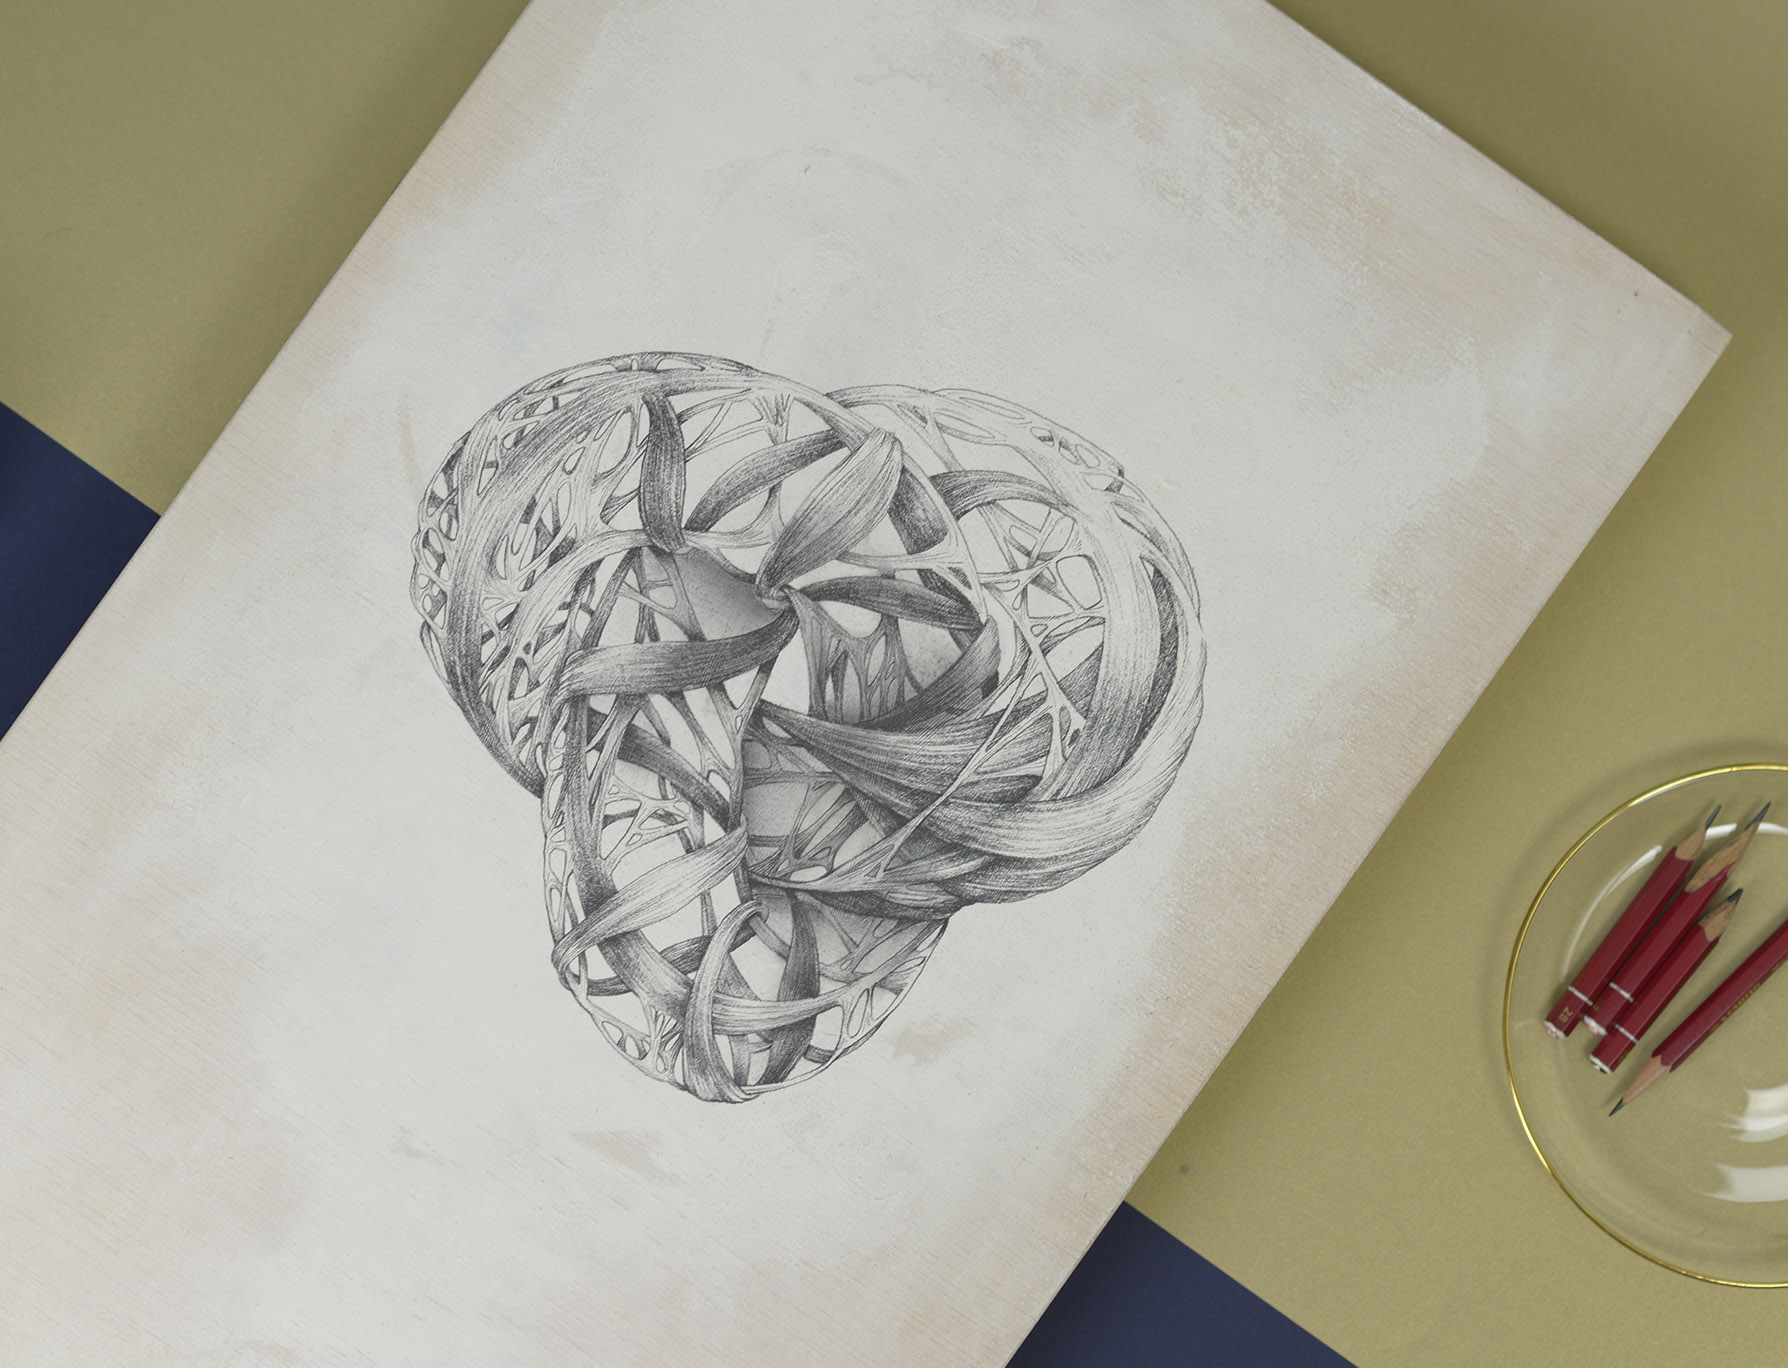 figura 3d obra de arte hecha con lapiz de grafito por giselle vitali